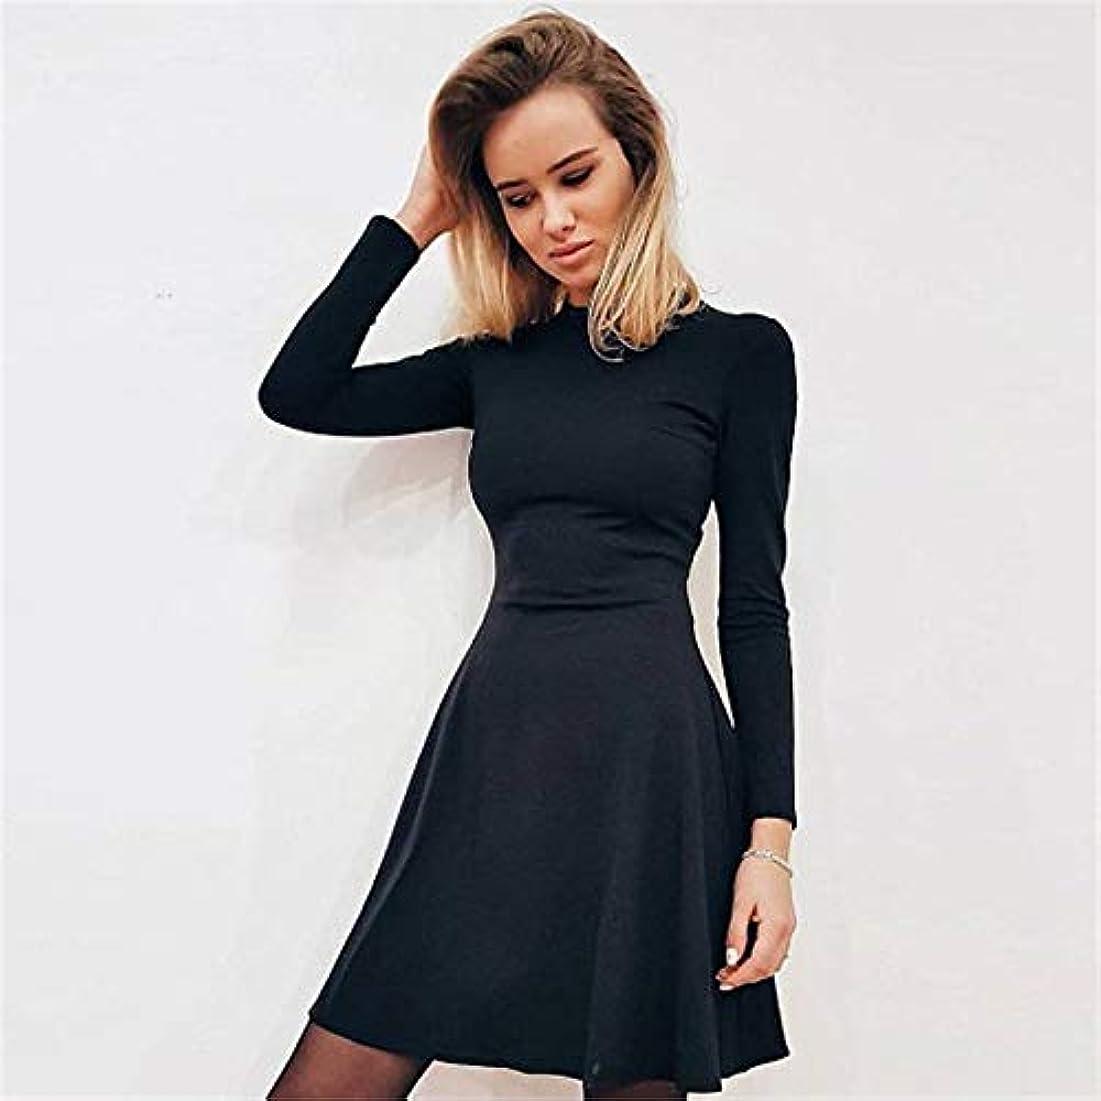 閉じるペアその間Maxcrestas - 秋と冬の新しい女性の長袖タイトフィットドレスの秋と冬のスリムでエレガントな品質のミニドレス